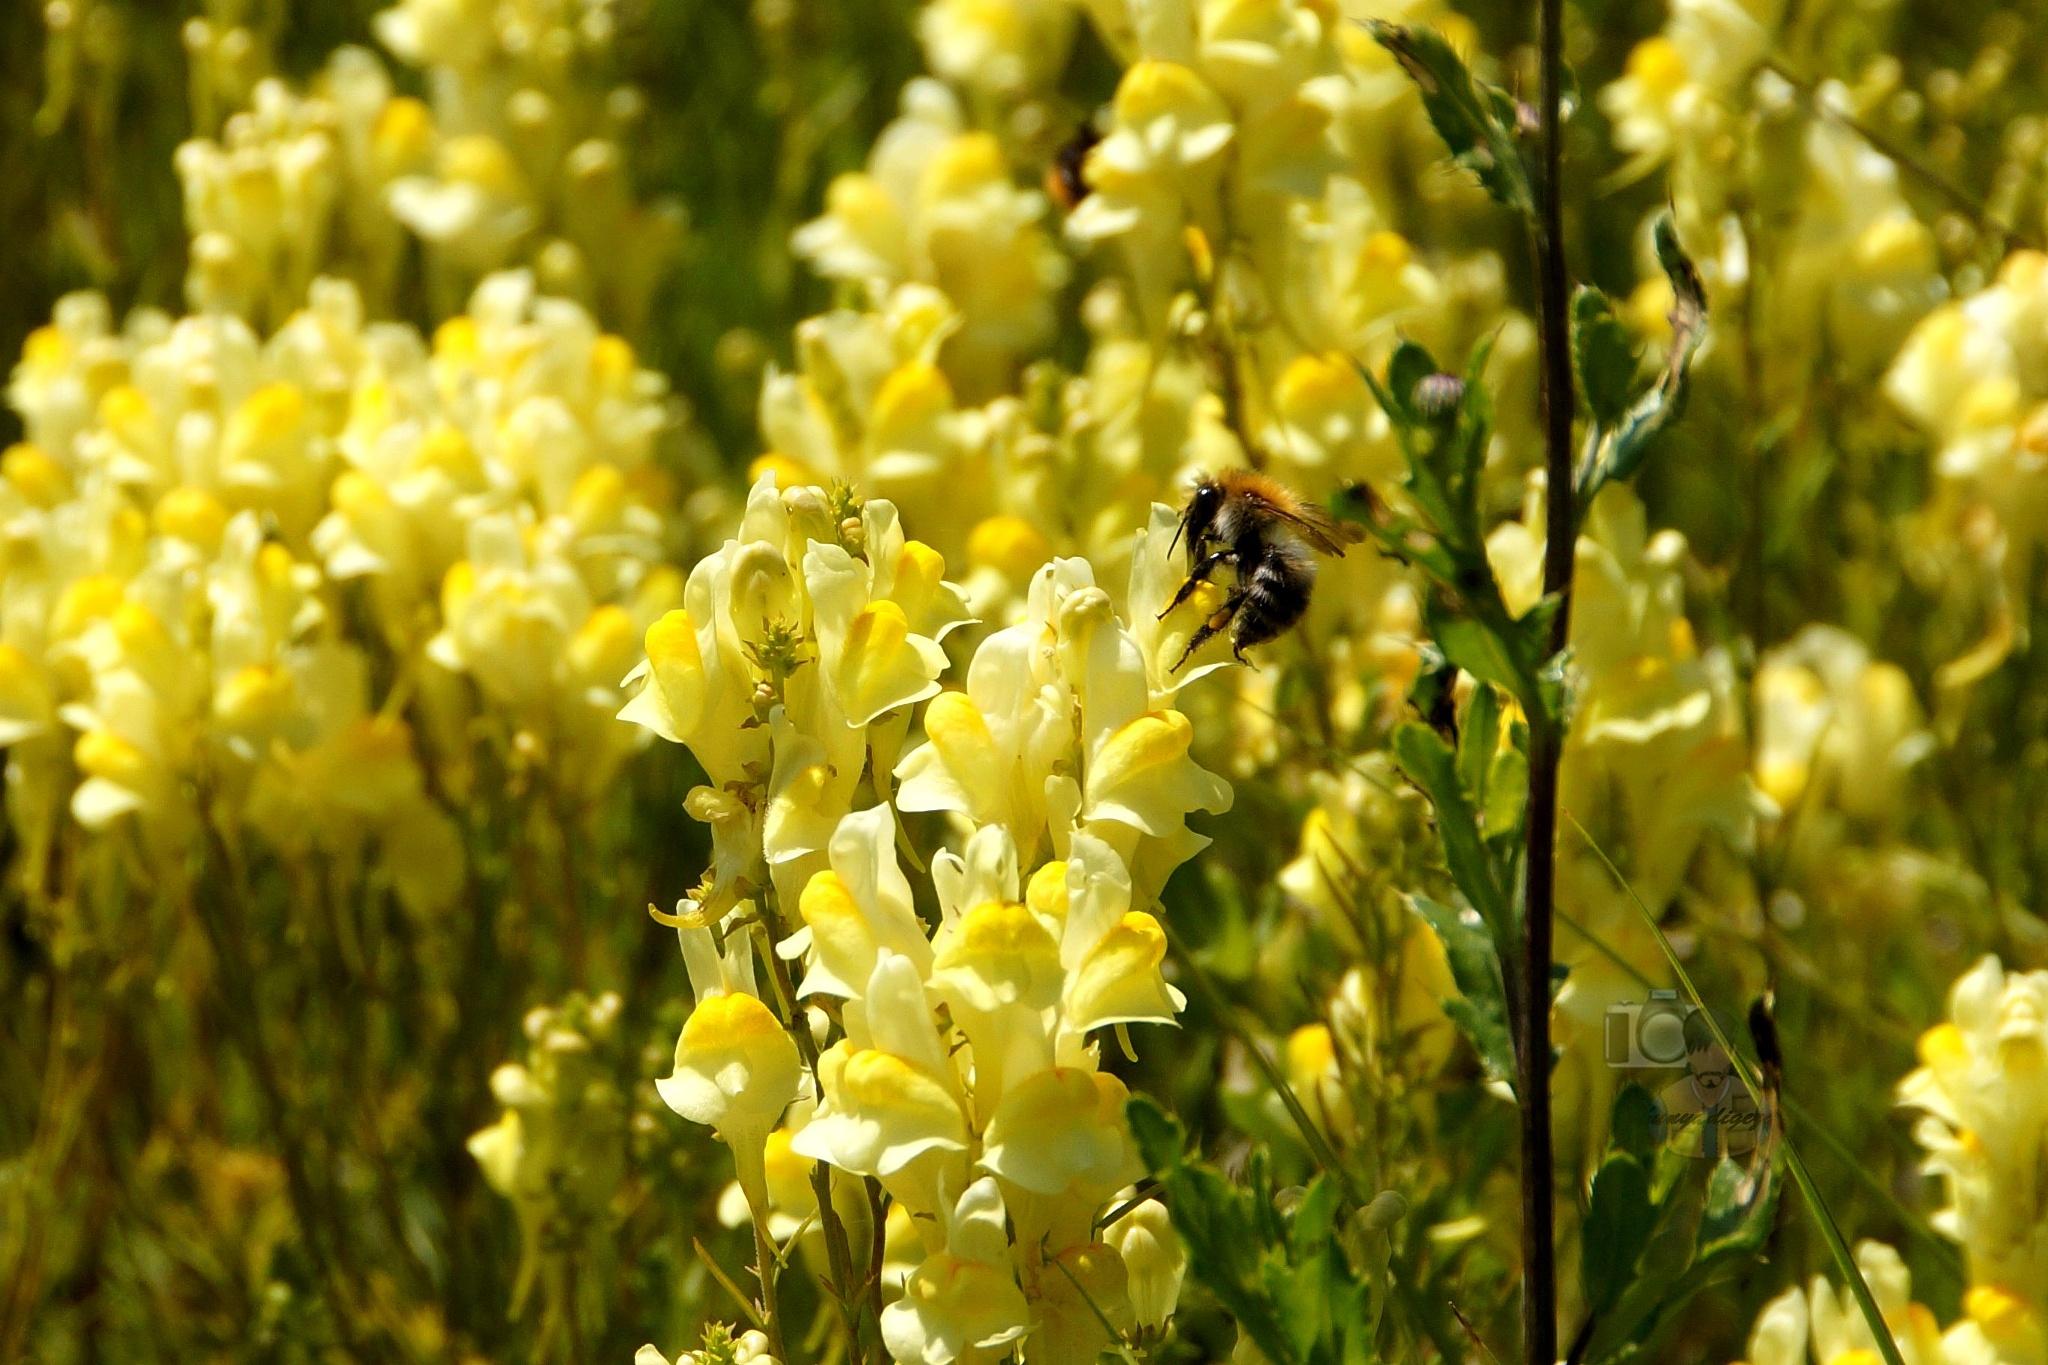 June 23,16. bumlebee & yellow toadflax #2 by hunyadigeza